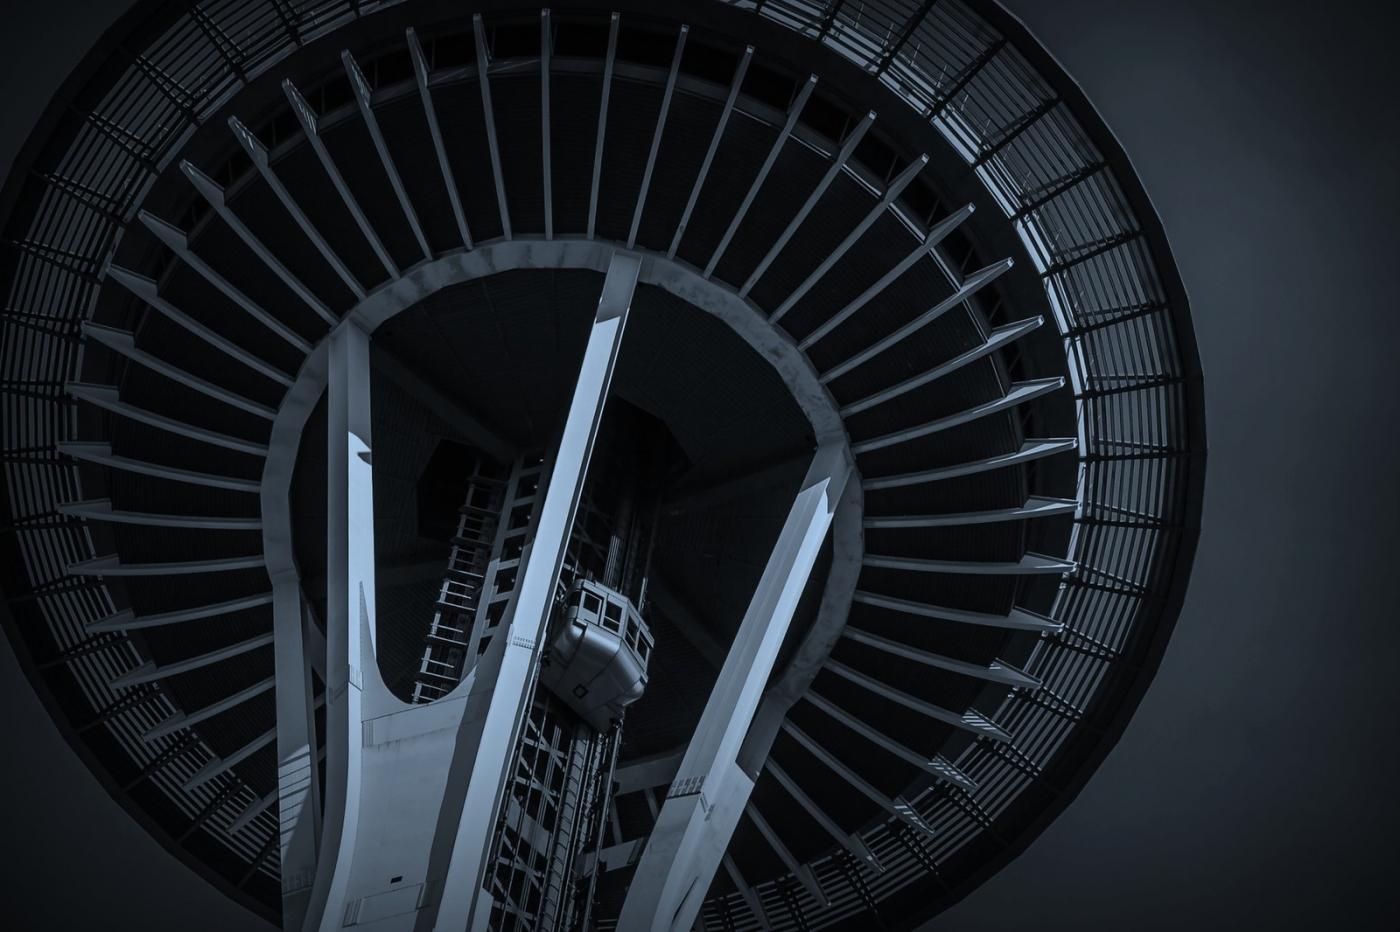 美国西雅图,太空针塔的英姿_图1-6